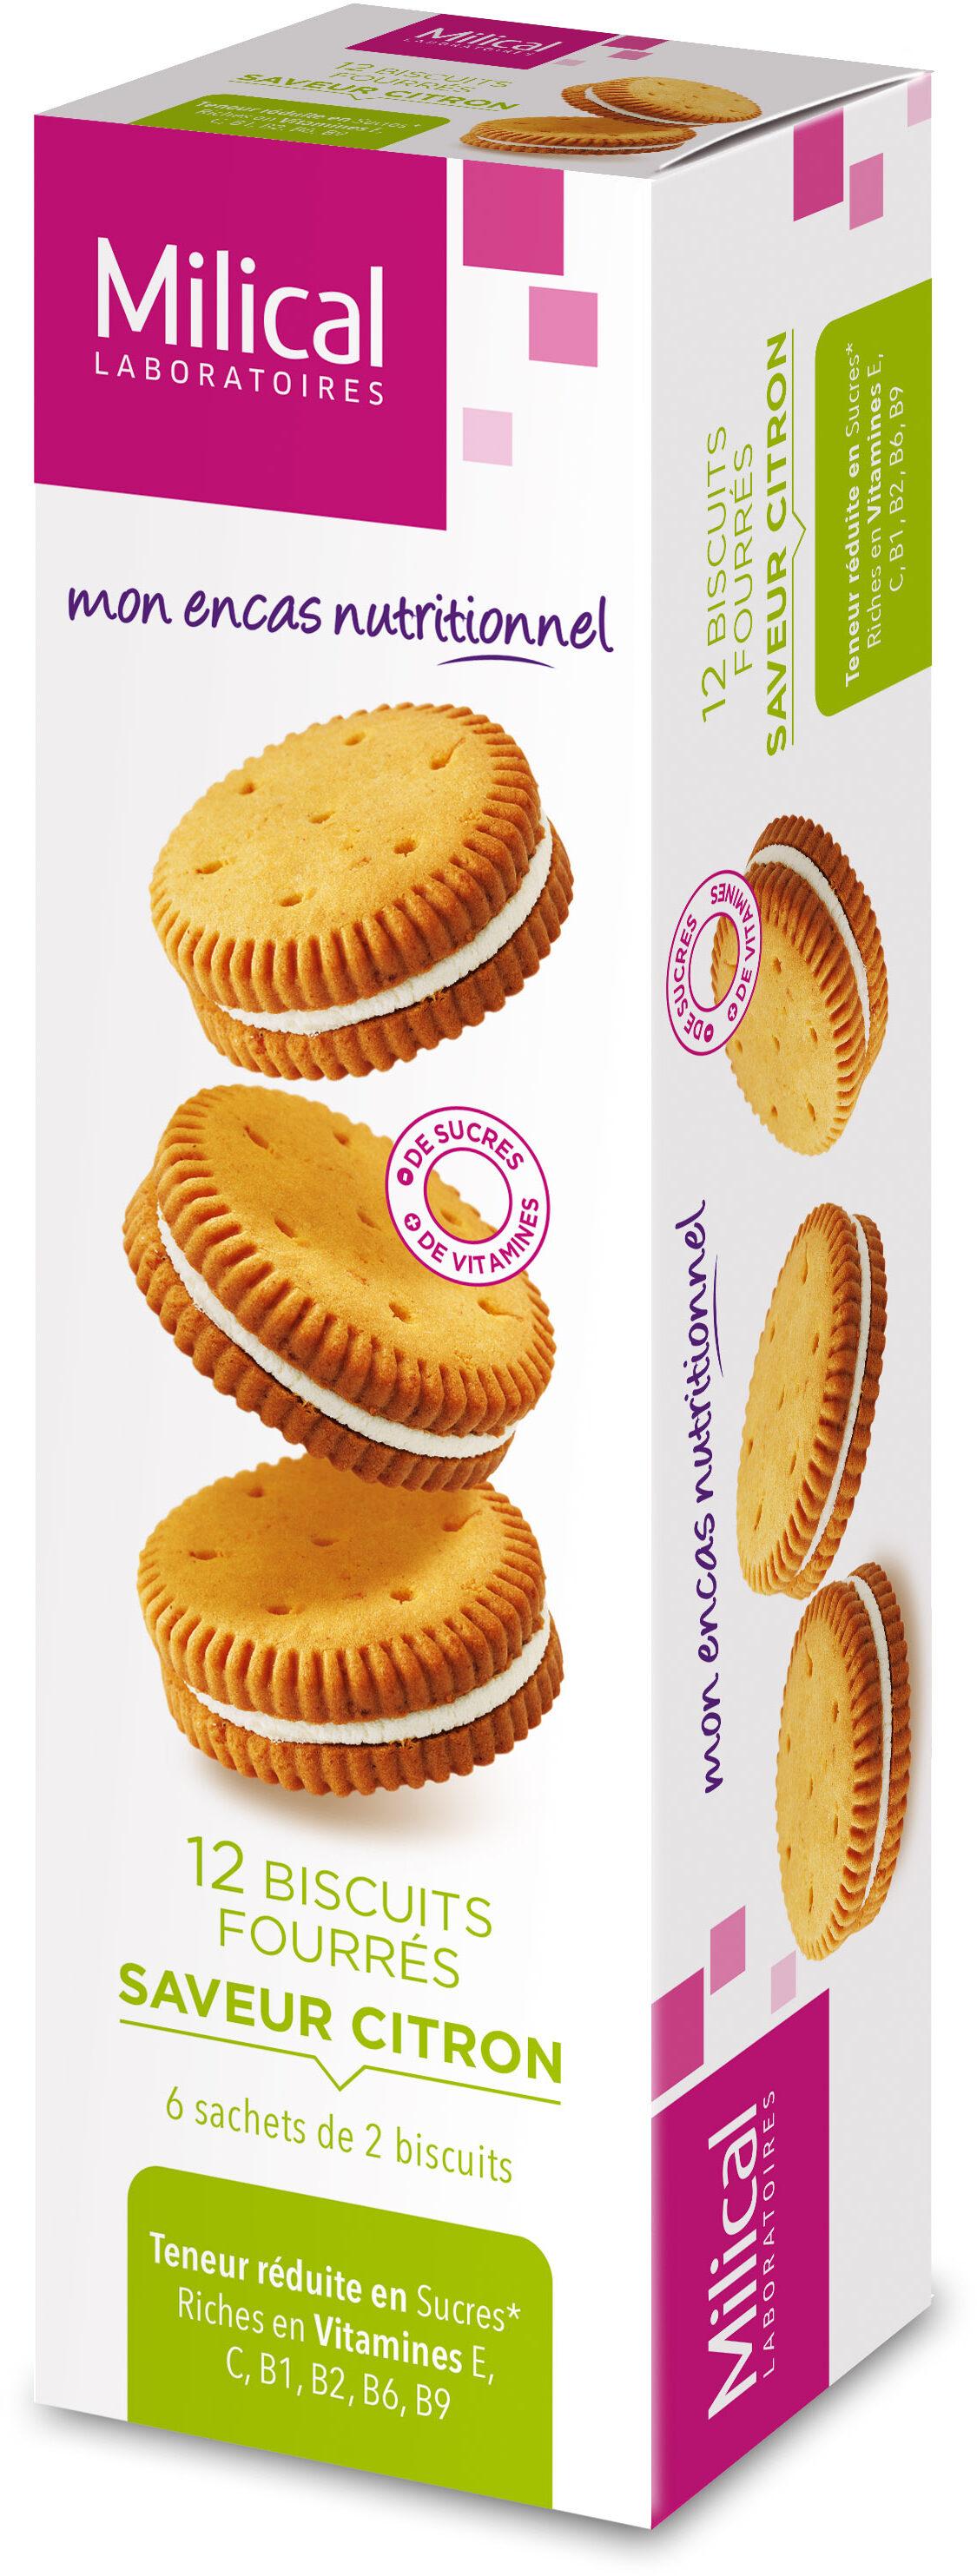 Milical Nutrition Saveur Citron 12 Biscuits - نتاج - fr